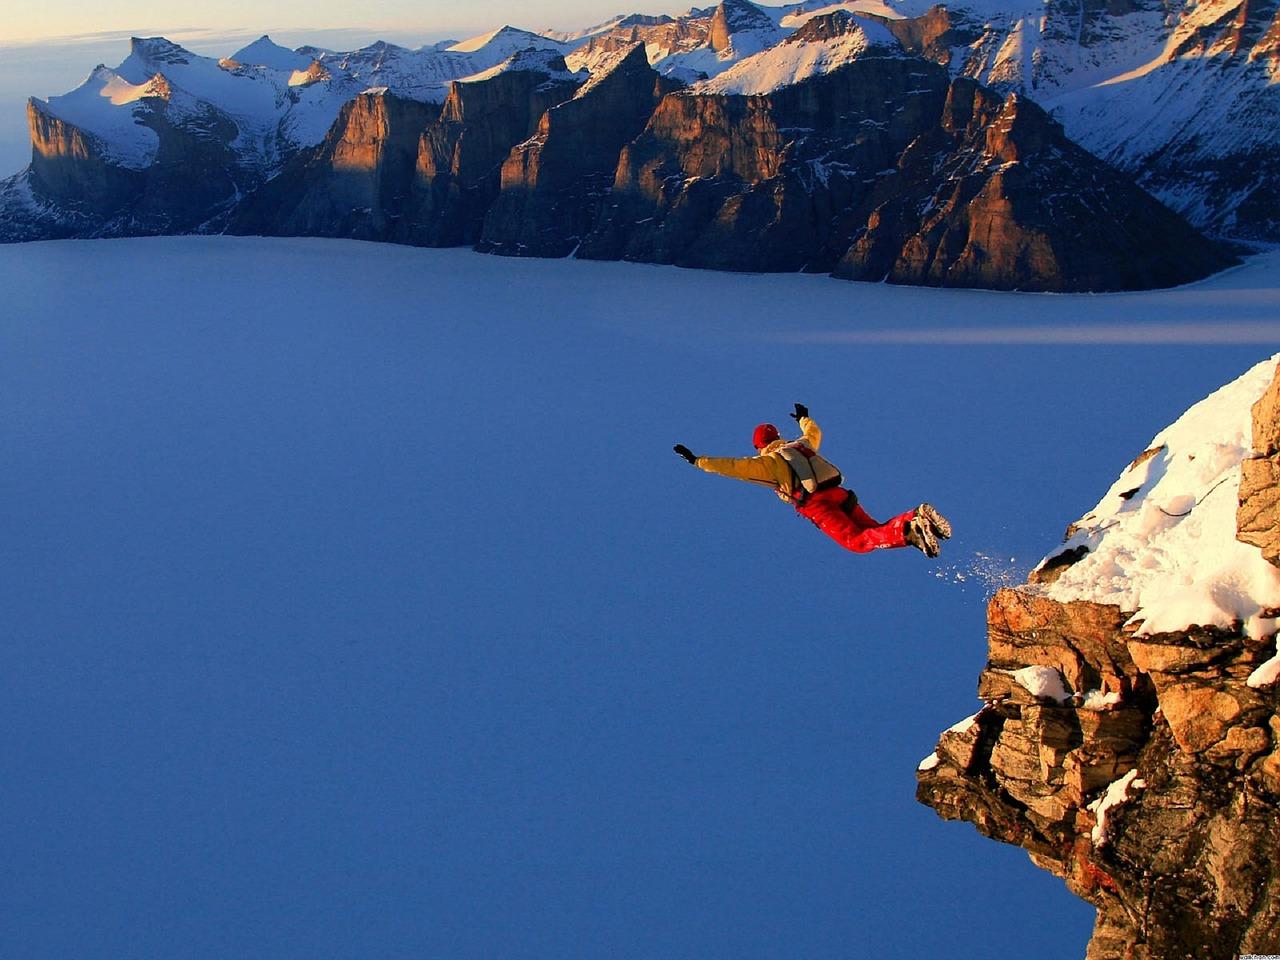 Quel est le risque le plus grave quand on entreprend ?